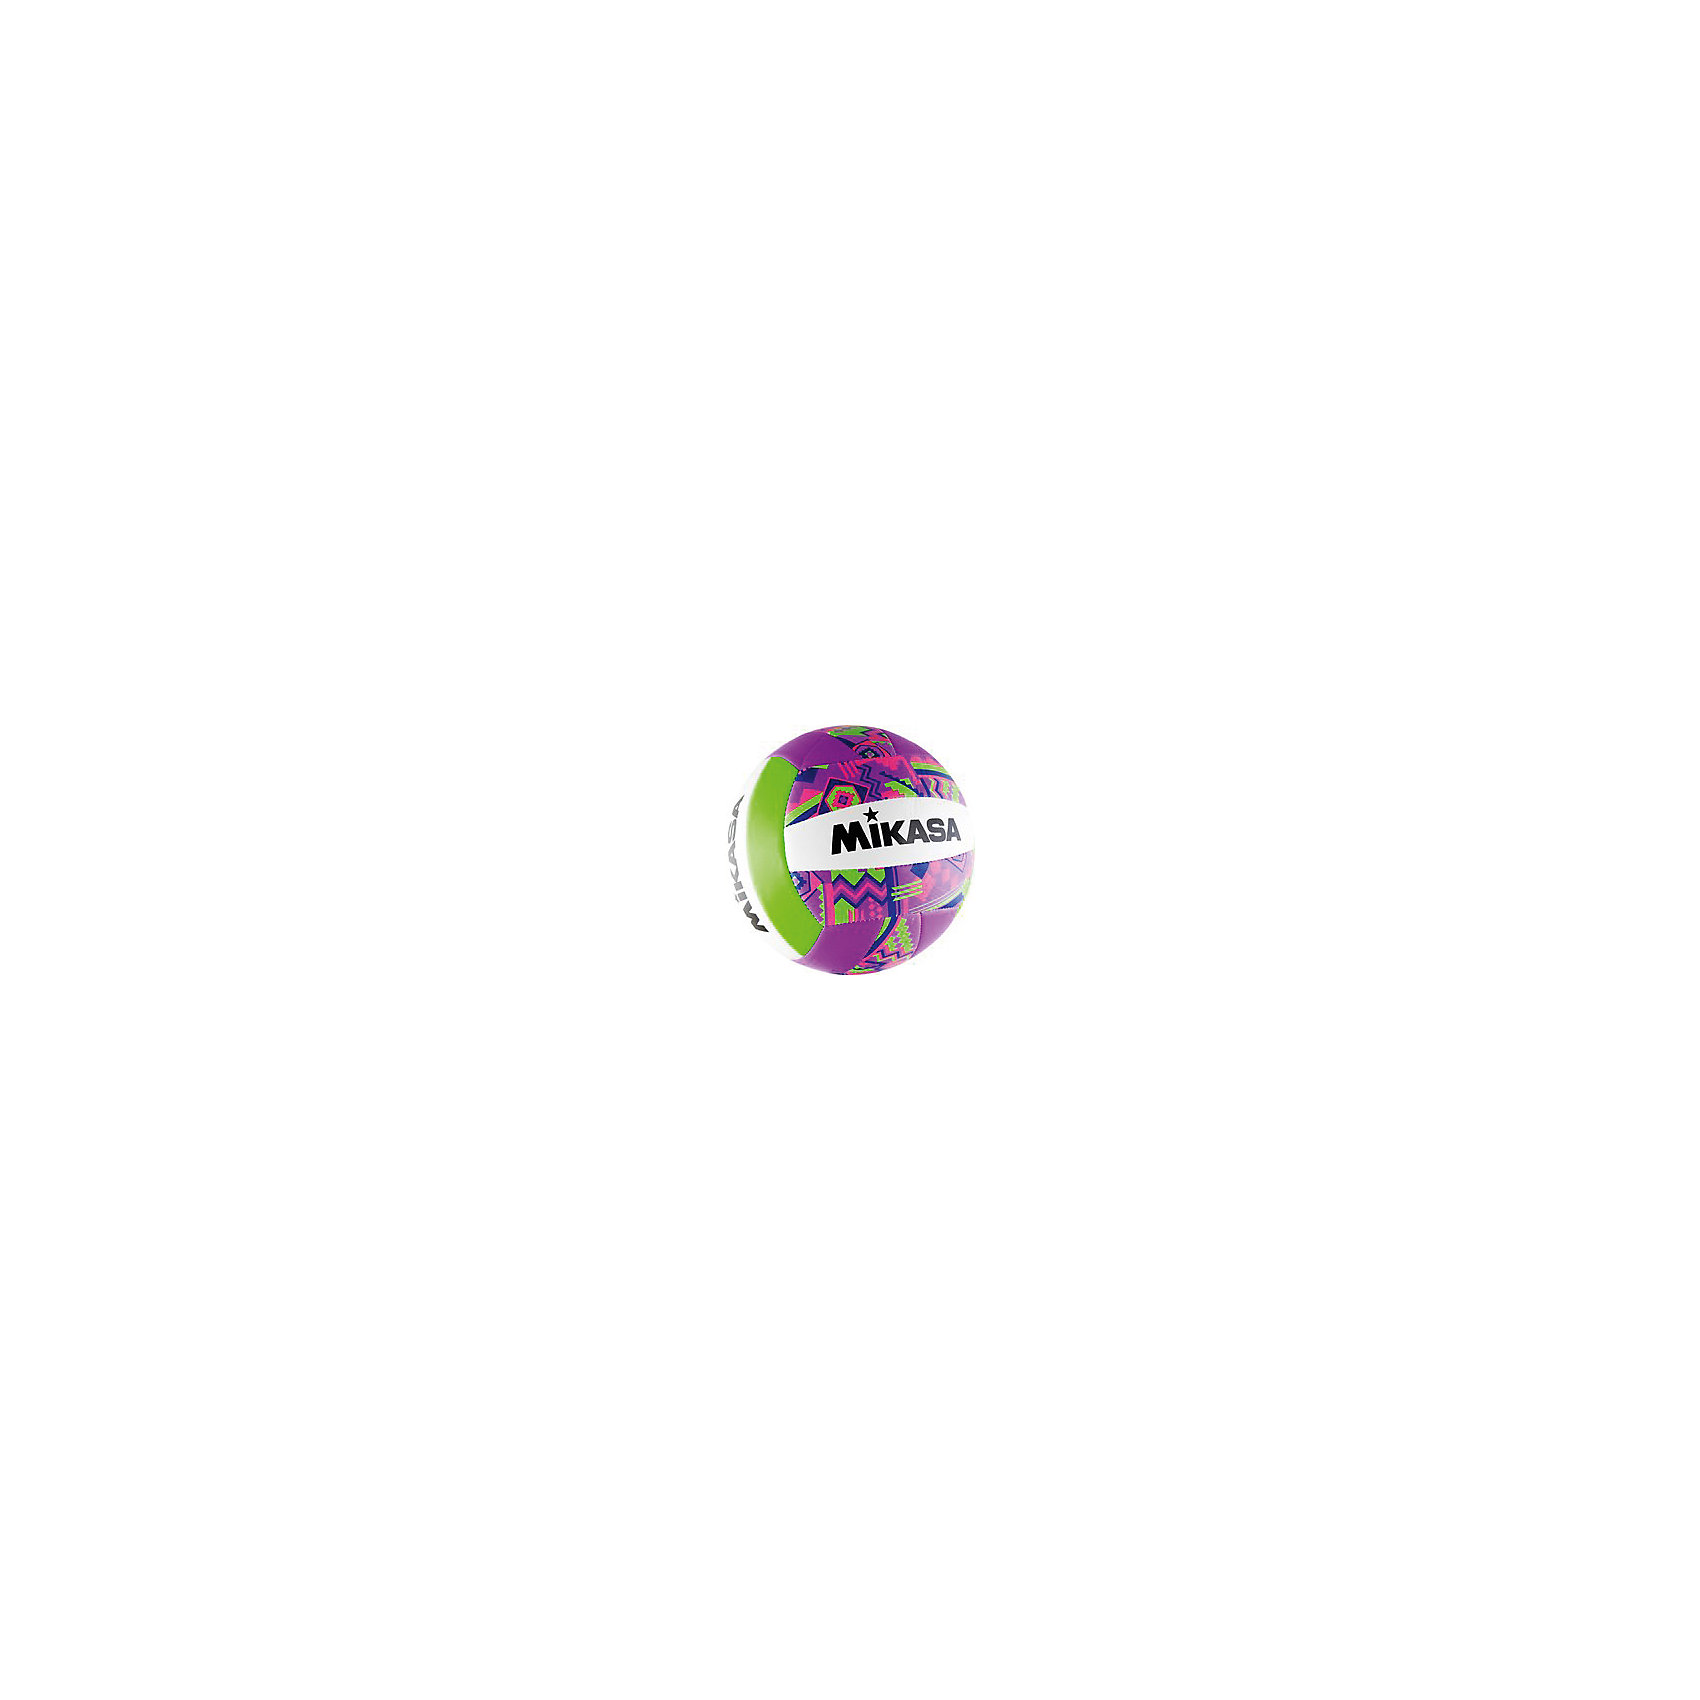 Волейбольный мяч, р. 5, синт. кожа, MIKASAМячи детские<br>Основные характеристики<br><br>Вид: волейбольный<br>Уровень игры: любительский<br>Размер: 5<br>Количество панелей: 18<br>Вес: 270гр<br>Окружность: 65-67см<br>Тип соединения панелей: машинная сшивка<br>Материал камеры: бутиловая<br>Материал покрышки: синтетическая кожа (полиуретан)<br>Цвет основной: фиолетовый<br>Цвет дополнительный: белый, розовый, салатовый<br>Страна-производитель: Китай <br>Упаковка: пакет (поставляется в сдутом виде)<br><br>Ширина мм: 213<br>Глубина мм: 213<br>Высота мм: 75<br>Вес г: 270<br>Возраст от месяцев: 36<br>Возраст до месяцев: 192<br>Пол: Унисекс<br>Возраст: Детский<br>SKU: 5056636